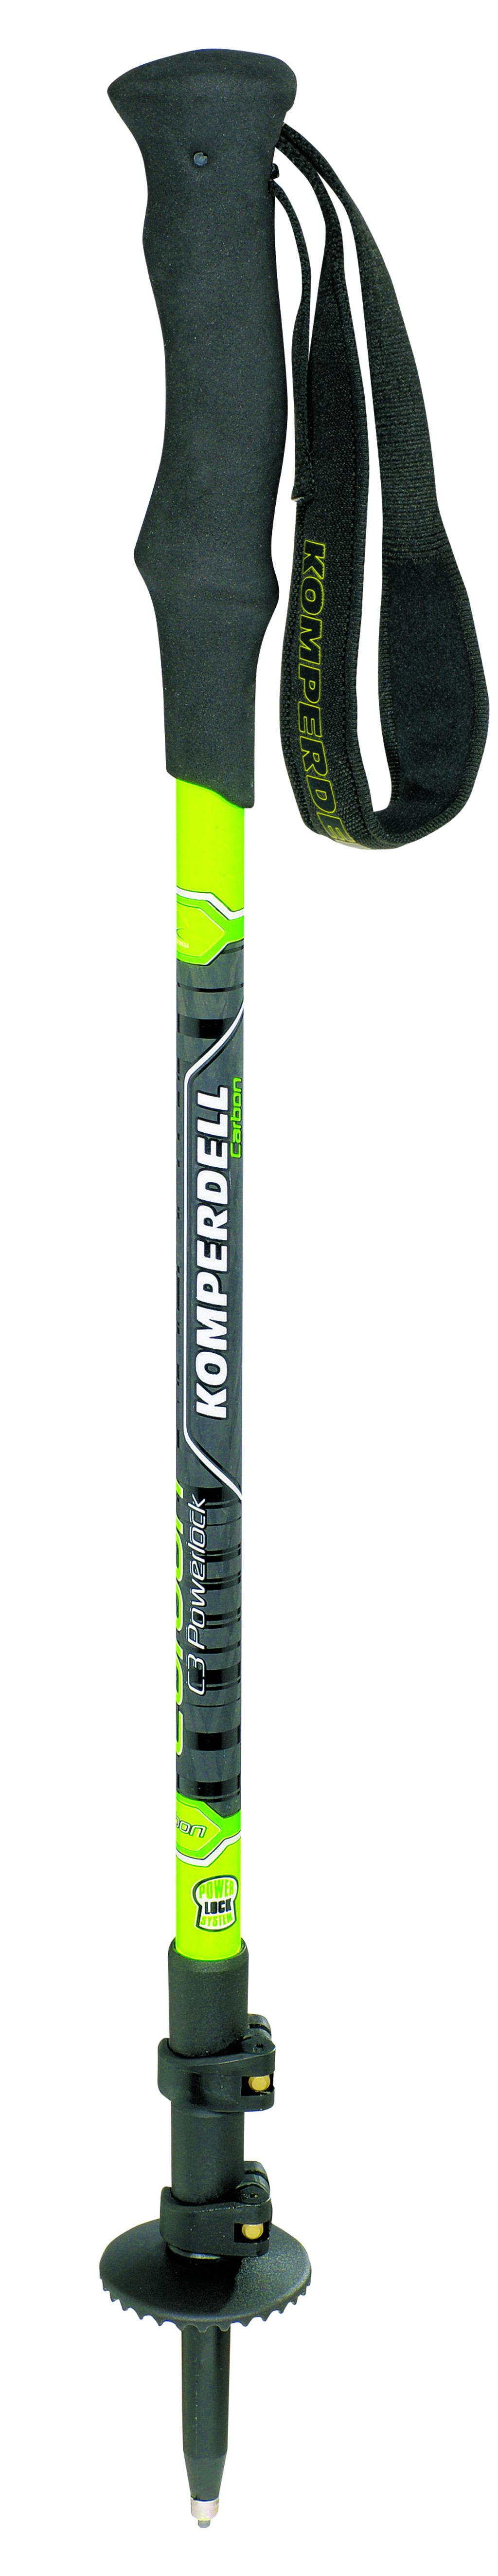 Power Lock C3 von Komperdell